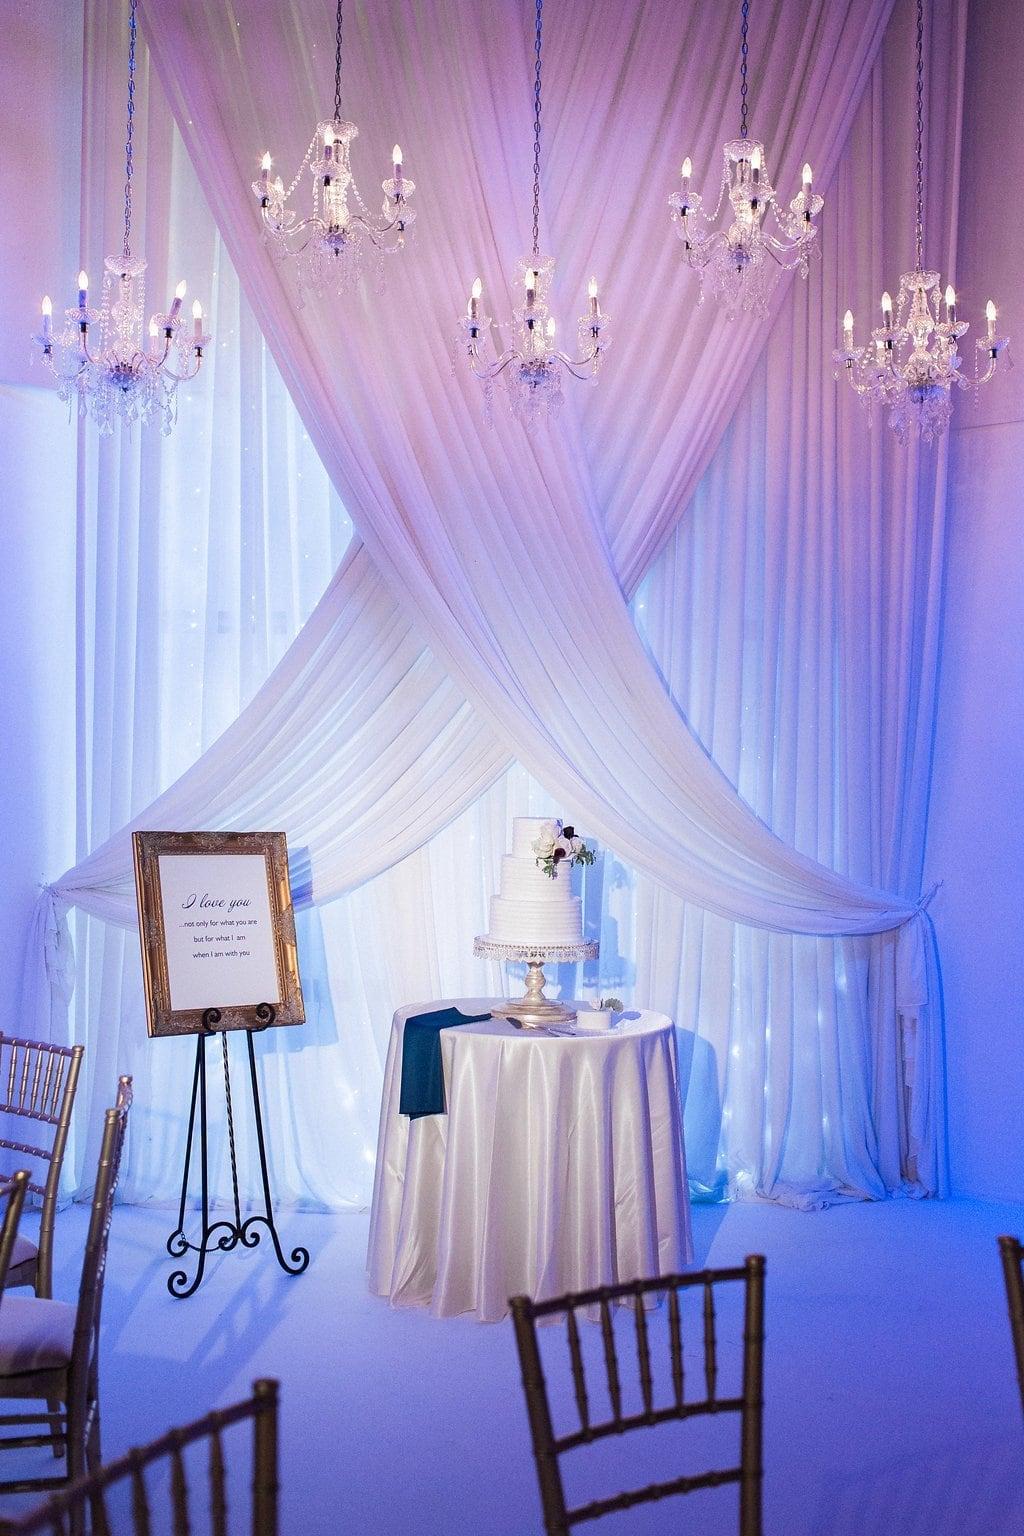 Wedding cake under chandeliers at reception